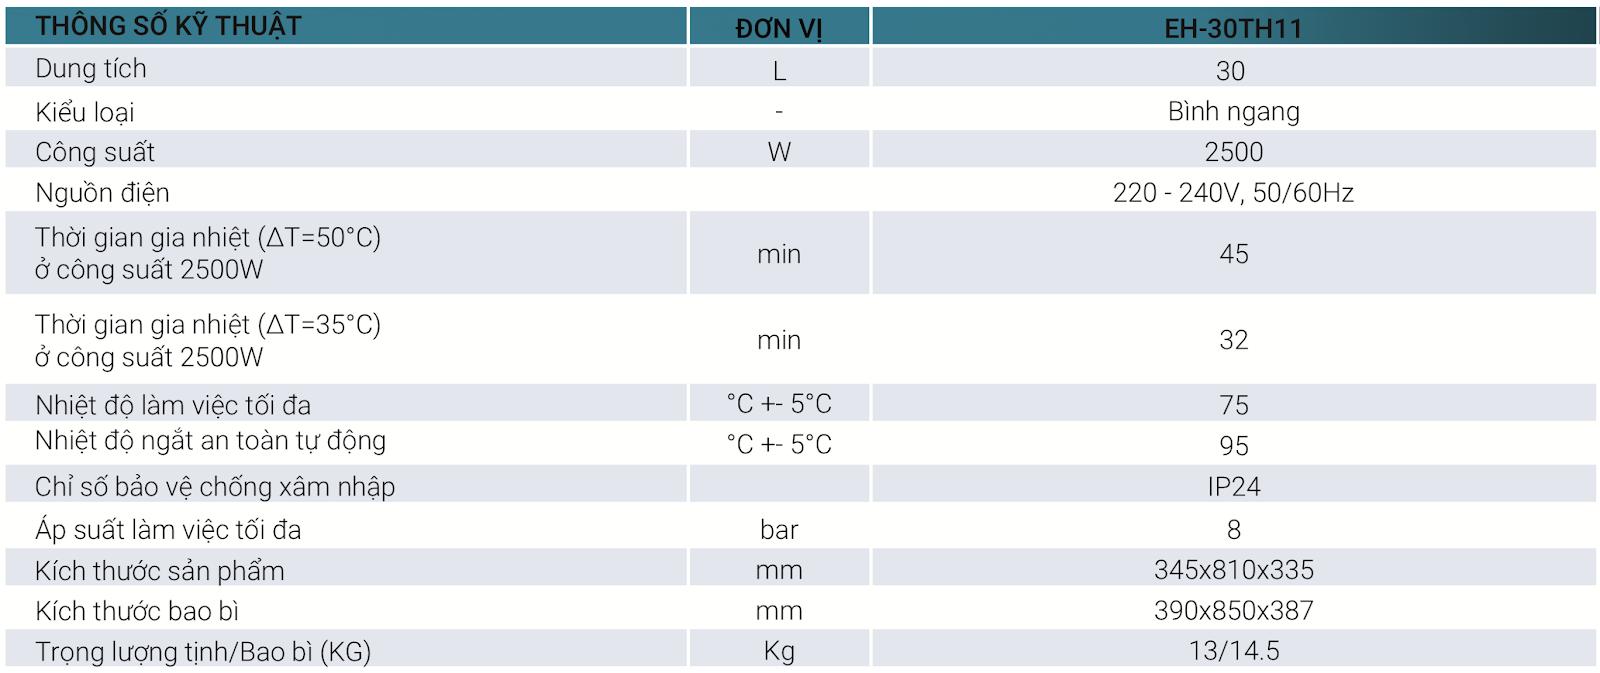 Thống số kỹ thuật Bình nóng lạnh Casper trực tiếp EH-30TH11